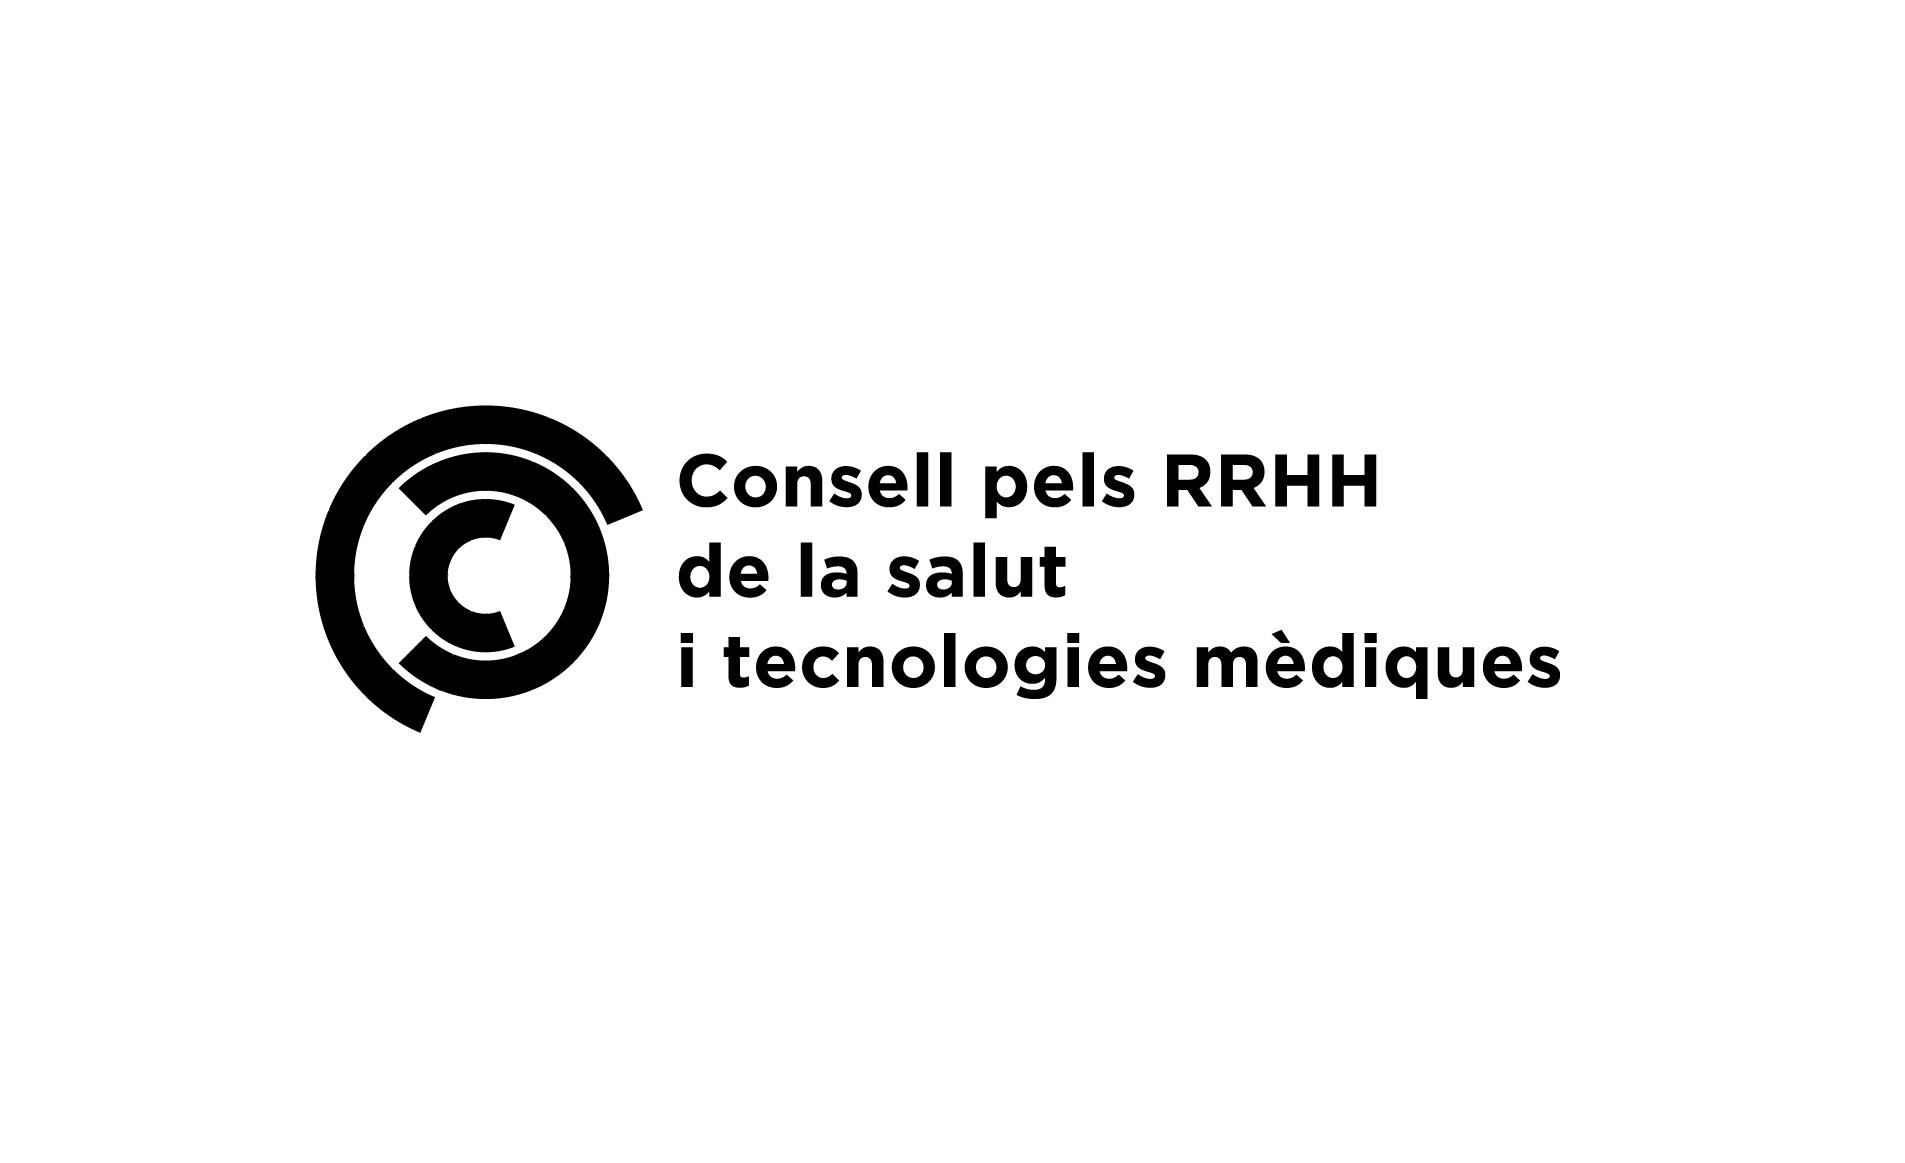 Consell dels RH del clúster de la salut